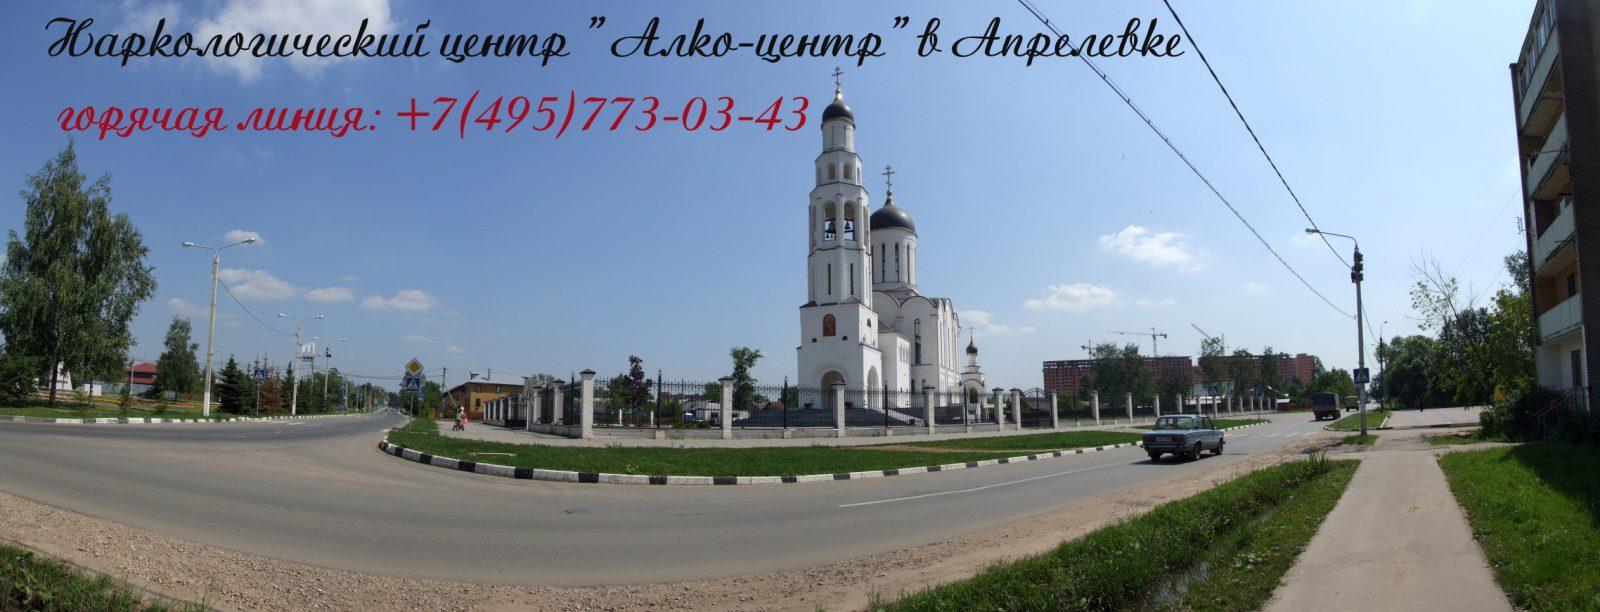 нарколог_апрелевка